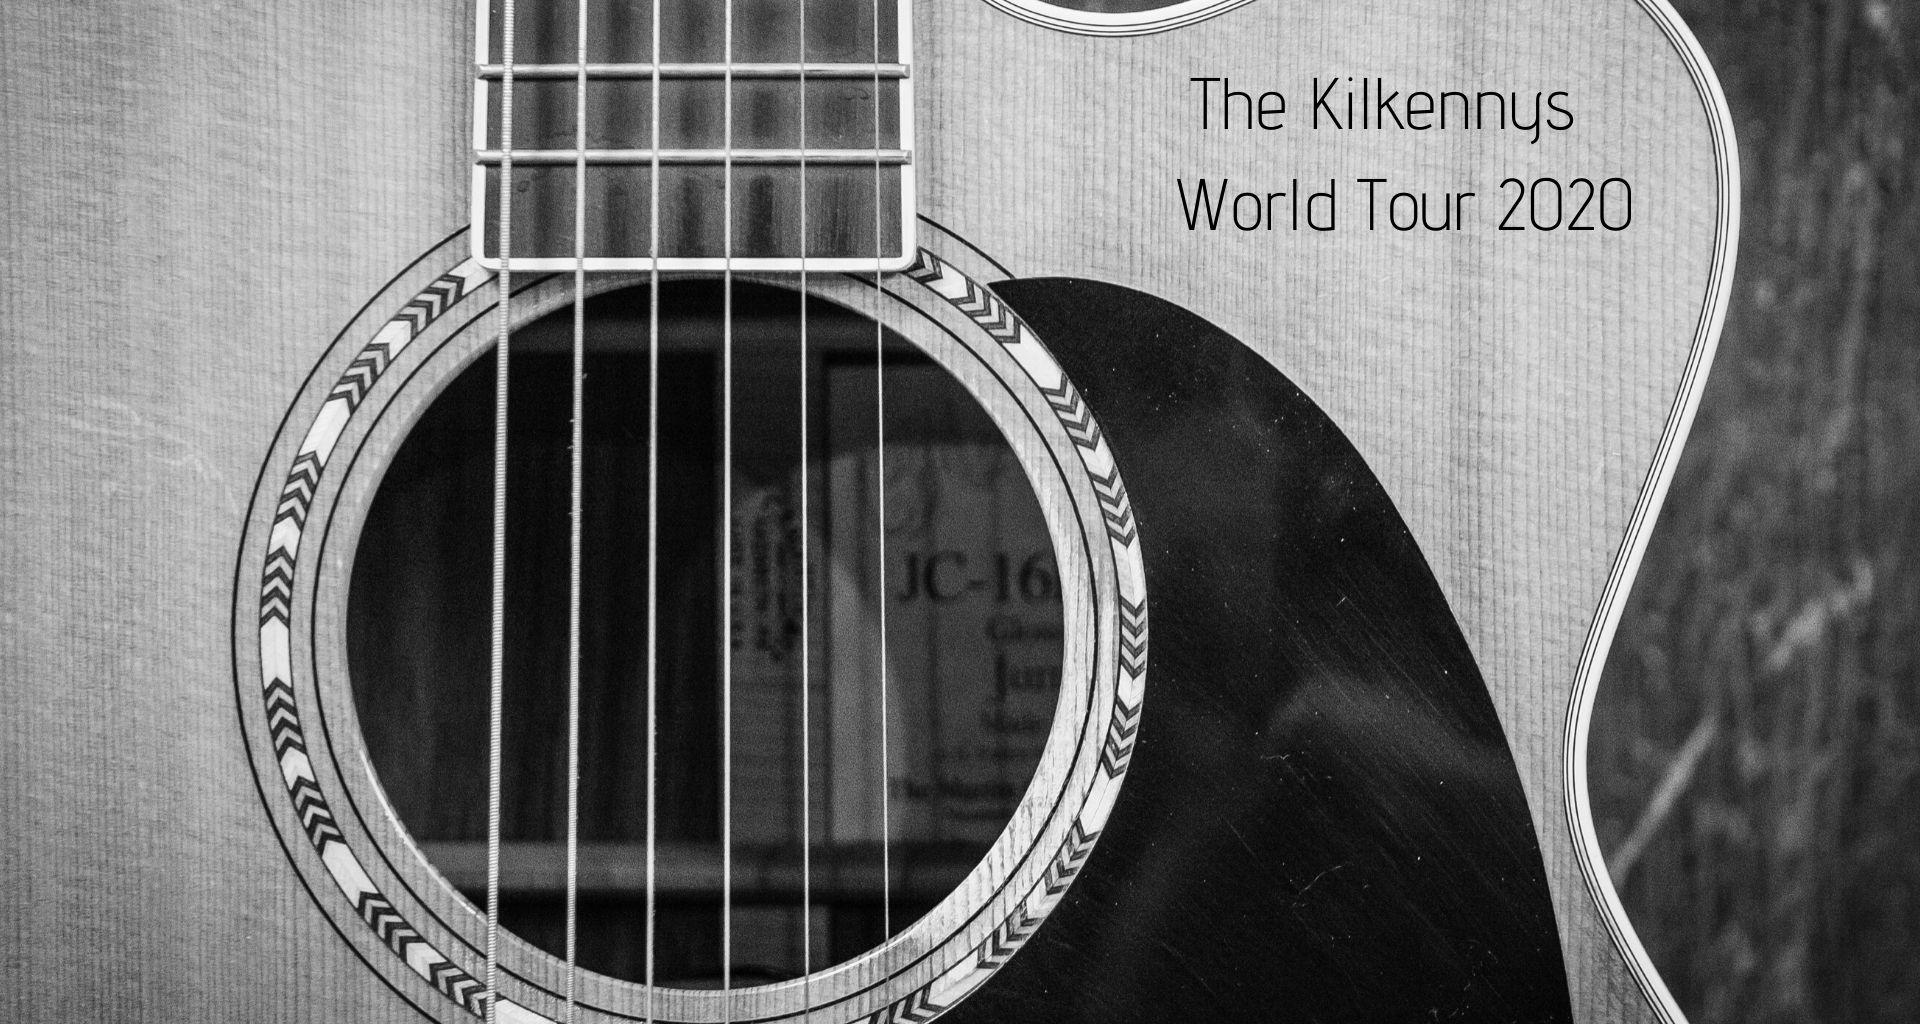 Top Event - The Kilkennys – World Tour 2020